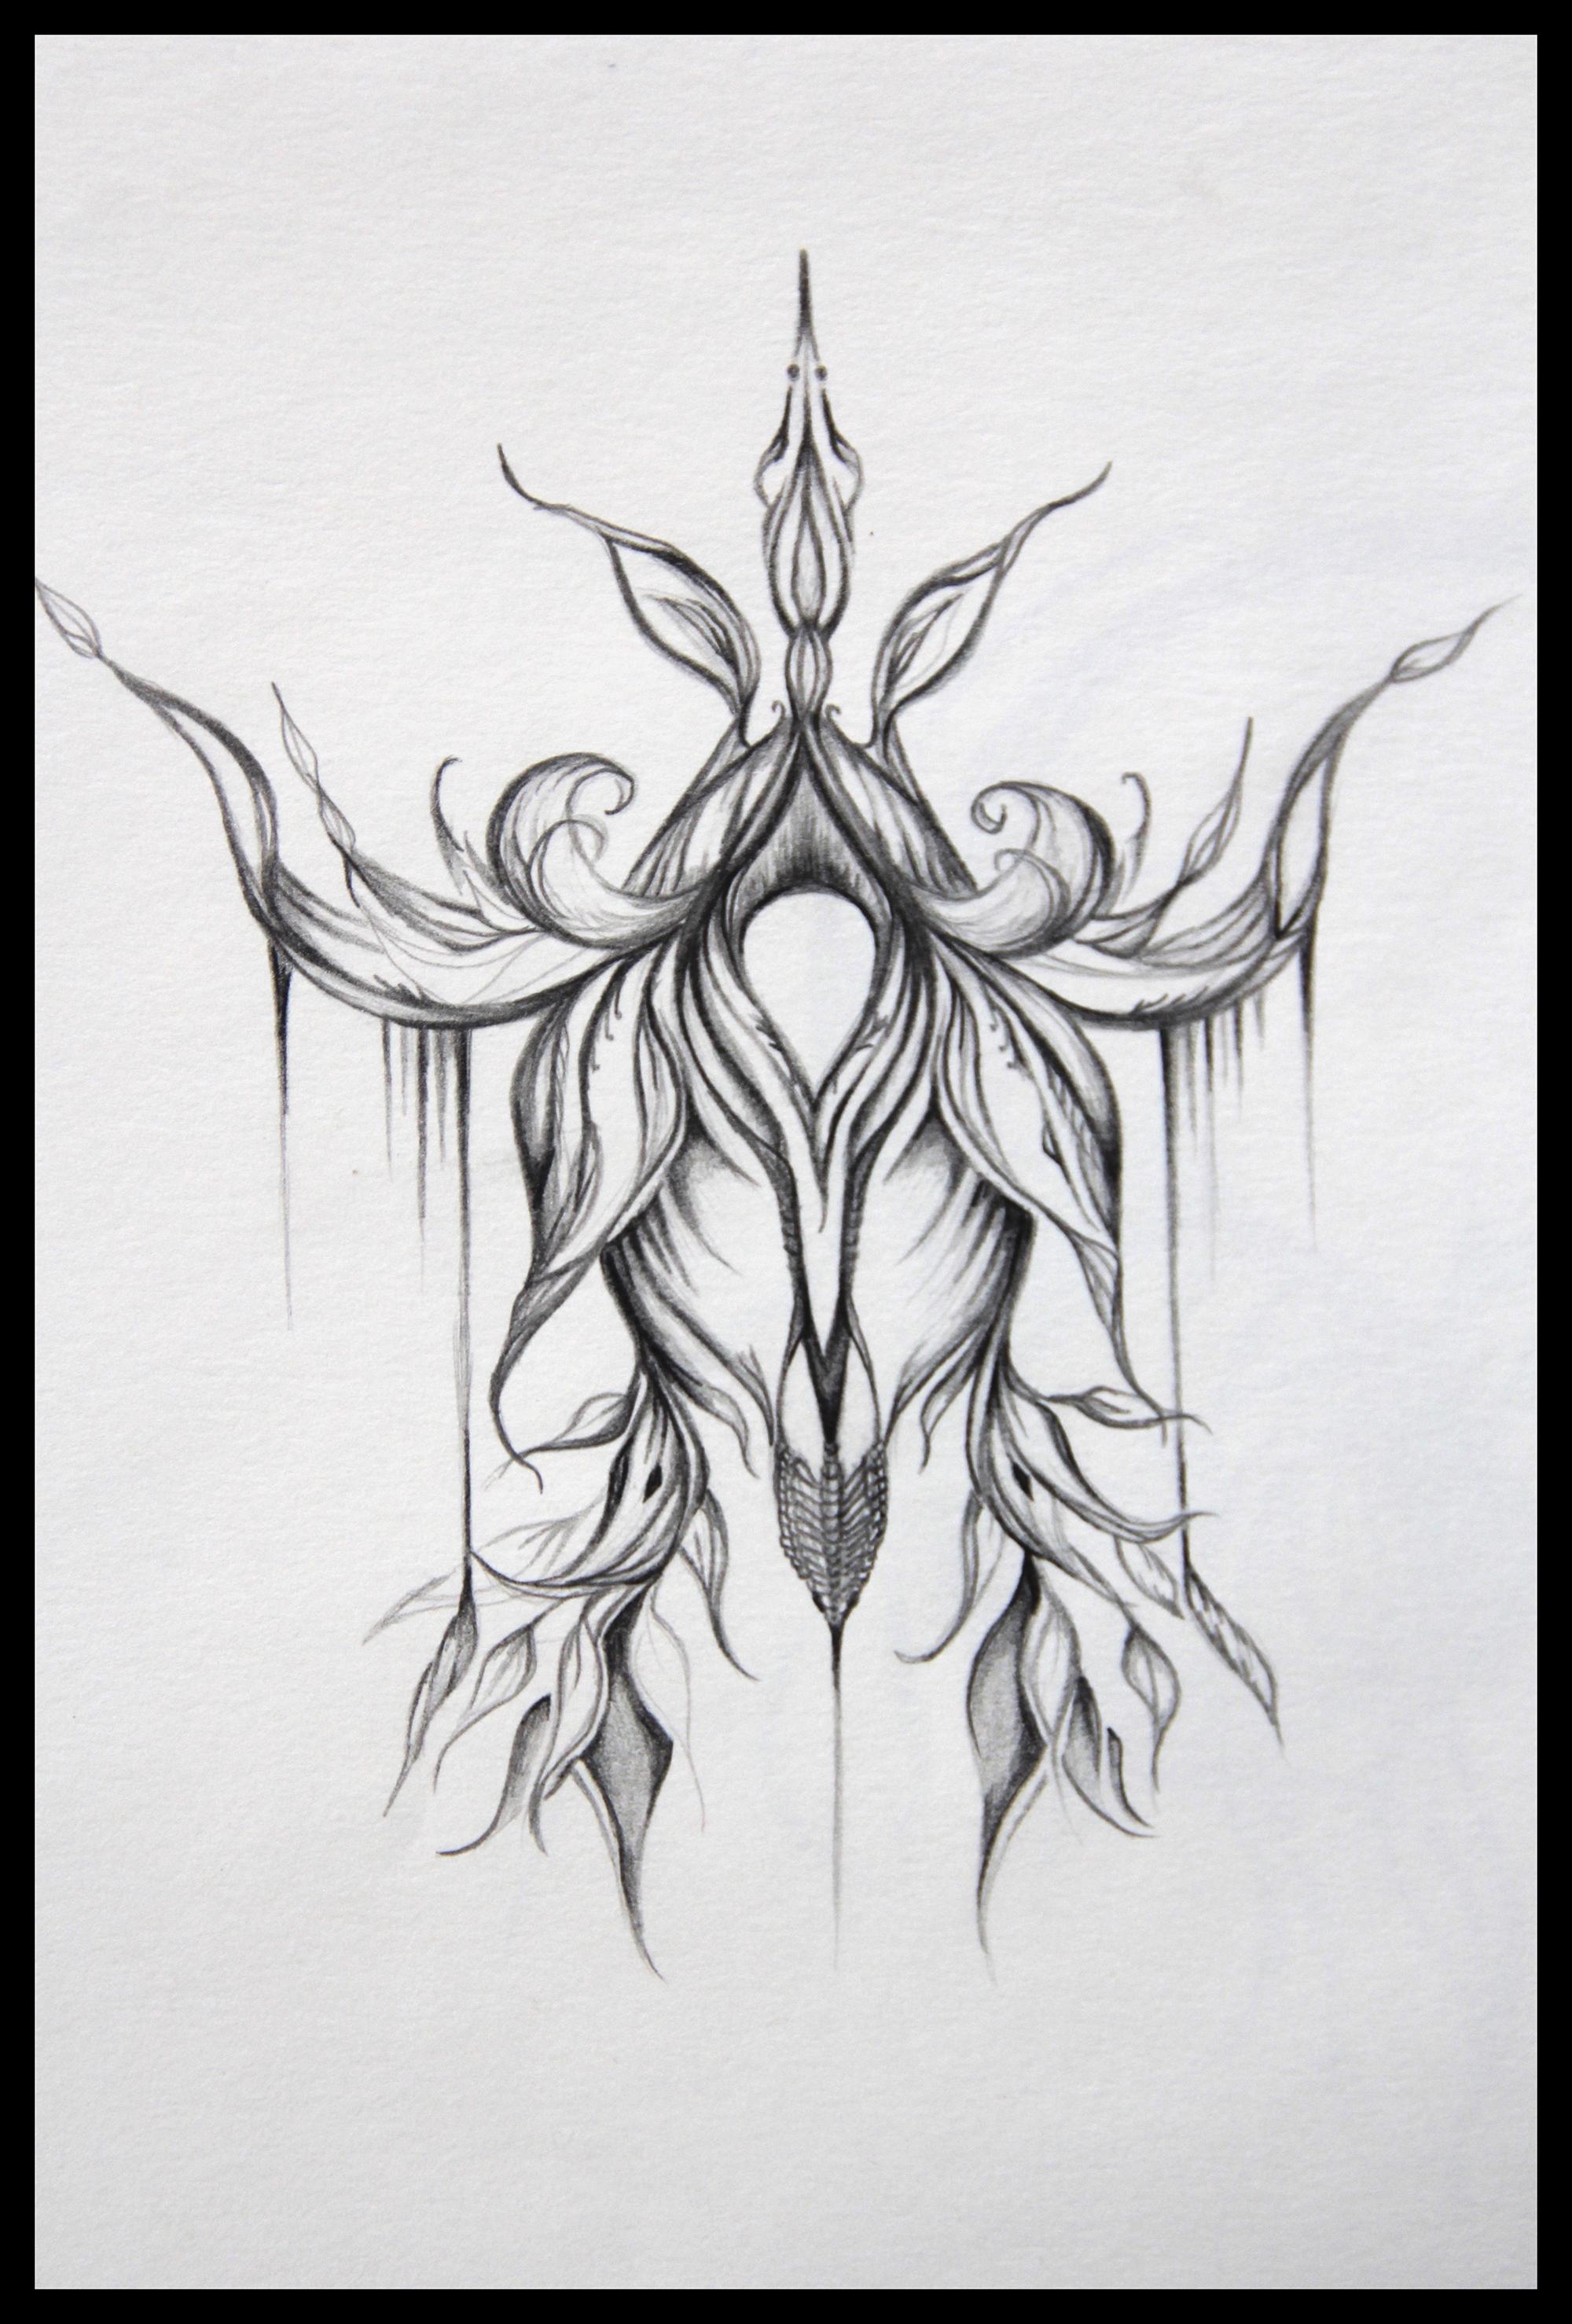 Field Sketch 7